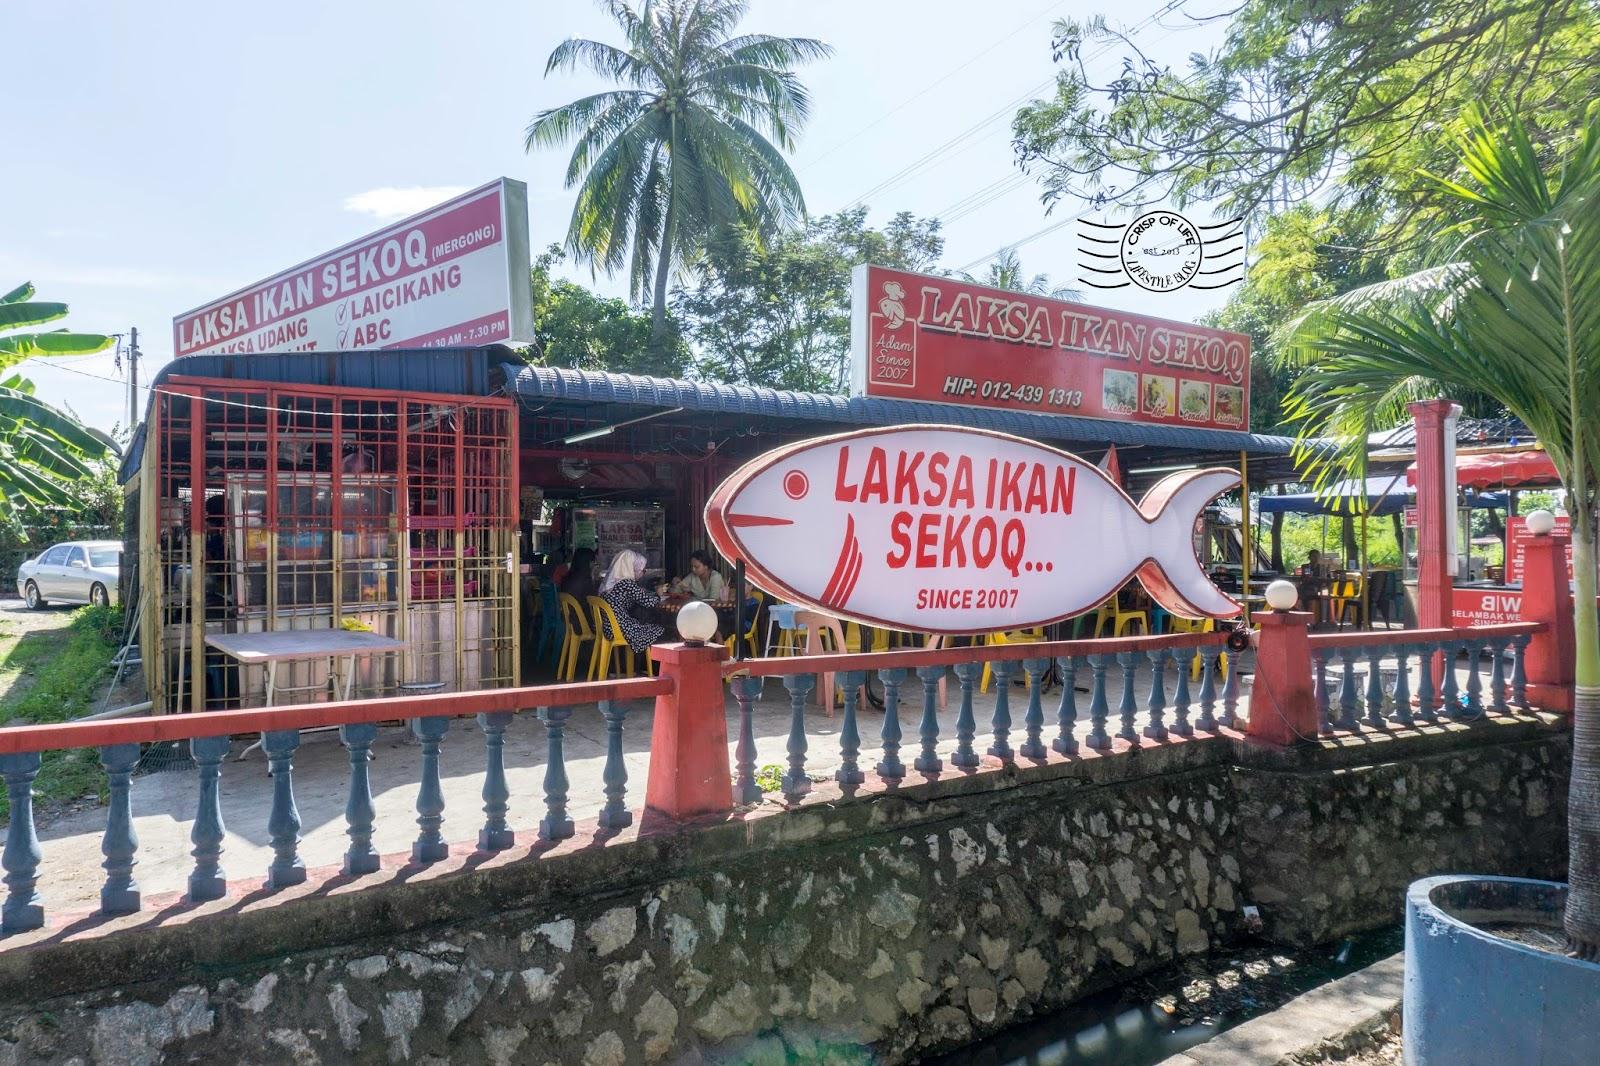 Laksa Ikan Sekoq Alor Setar Kedah